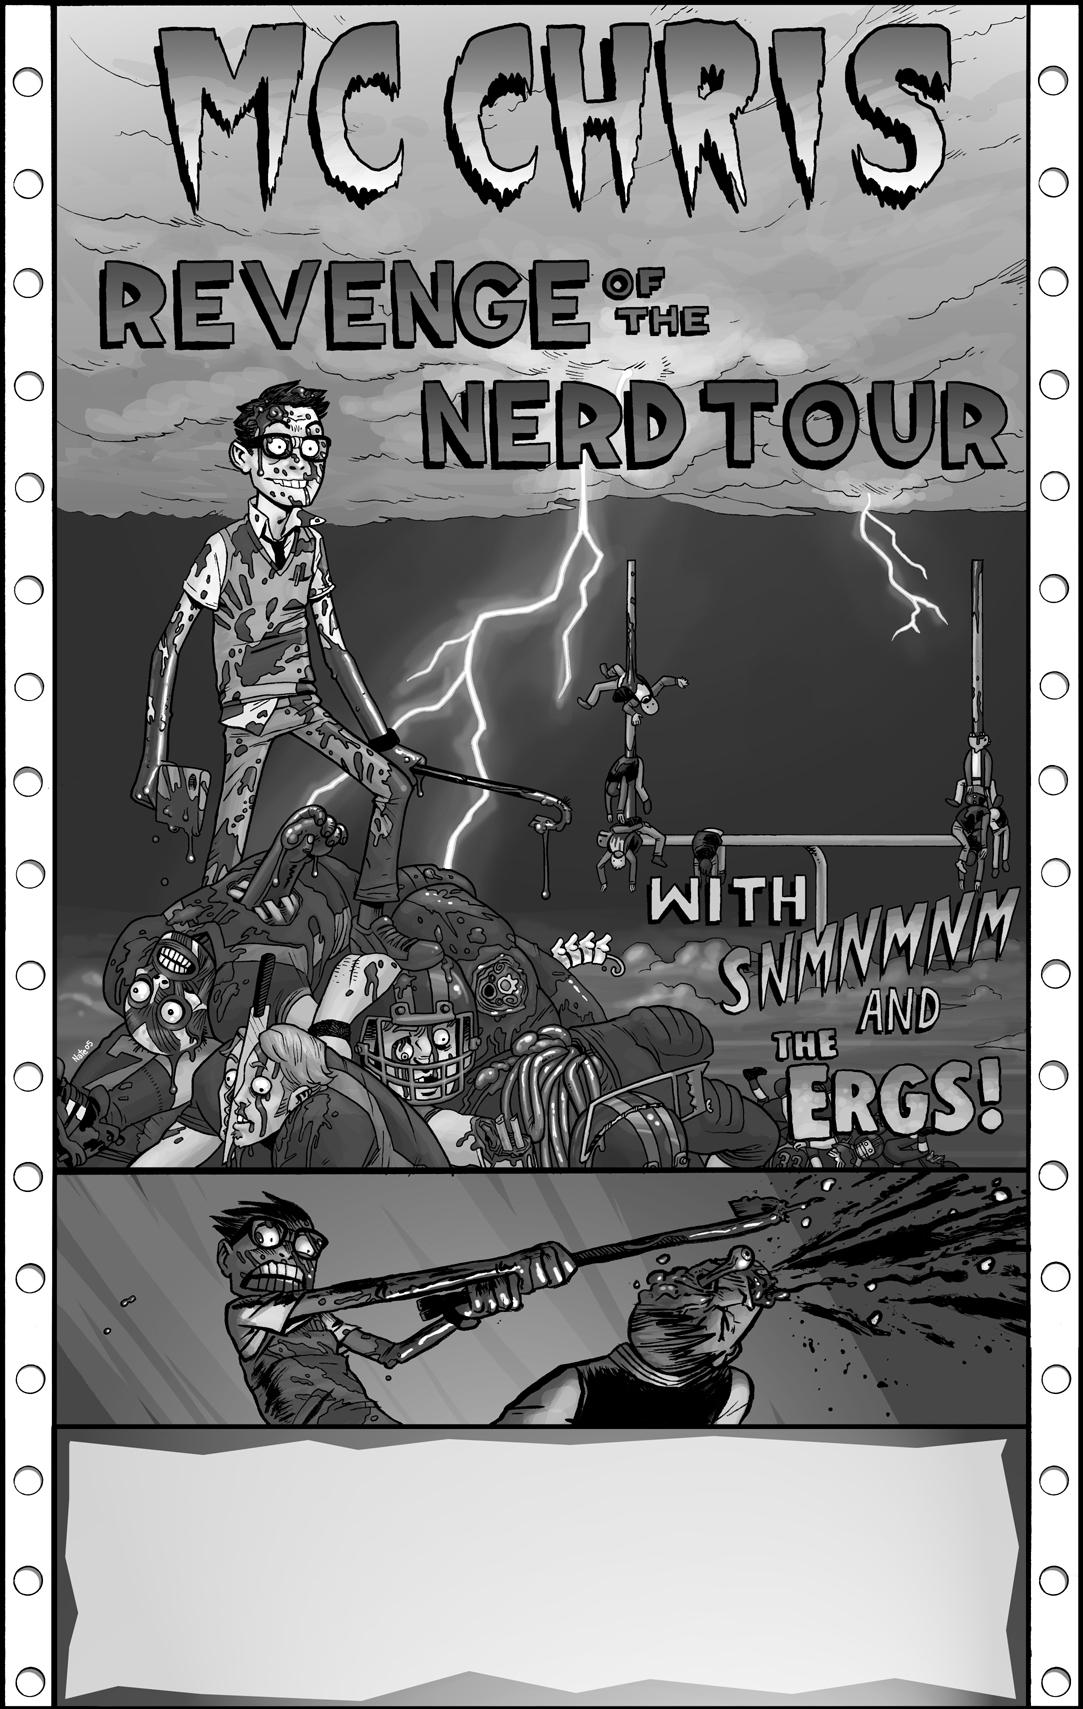 Revenge of the Nerd Tour